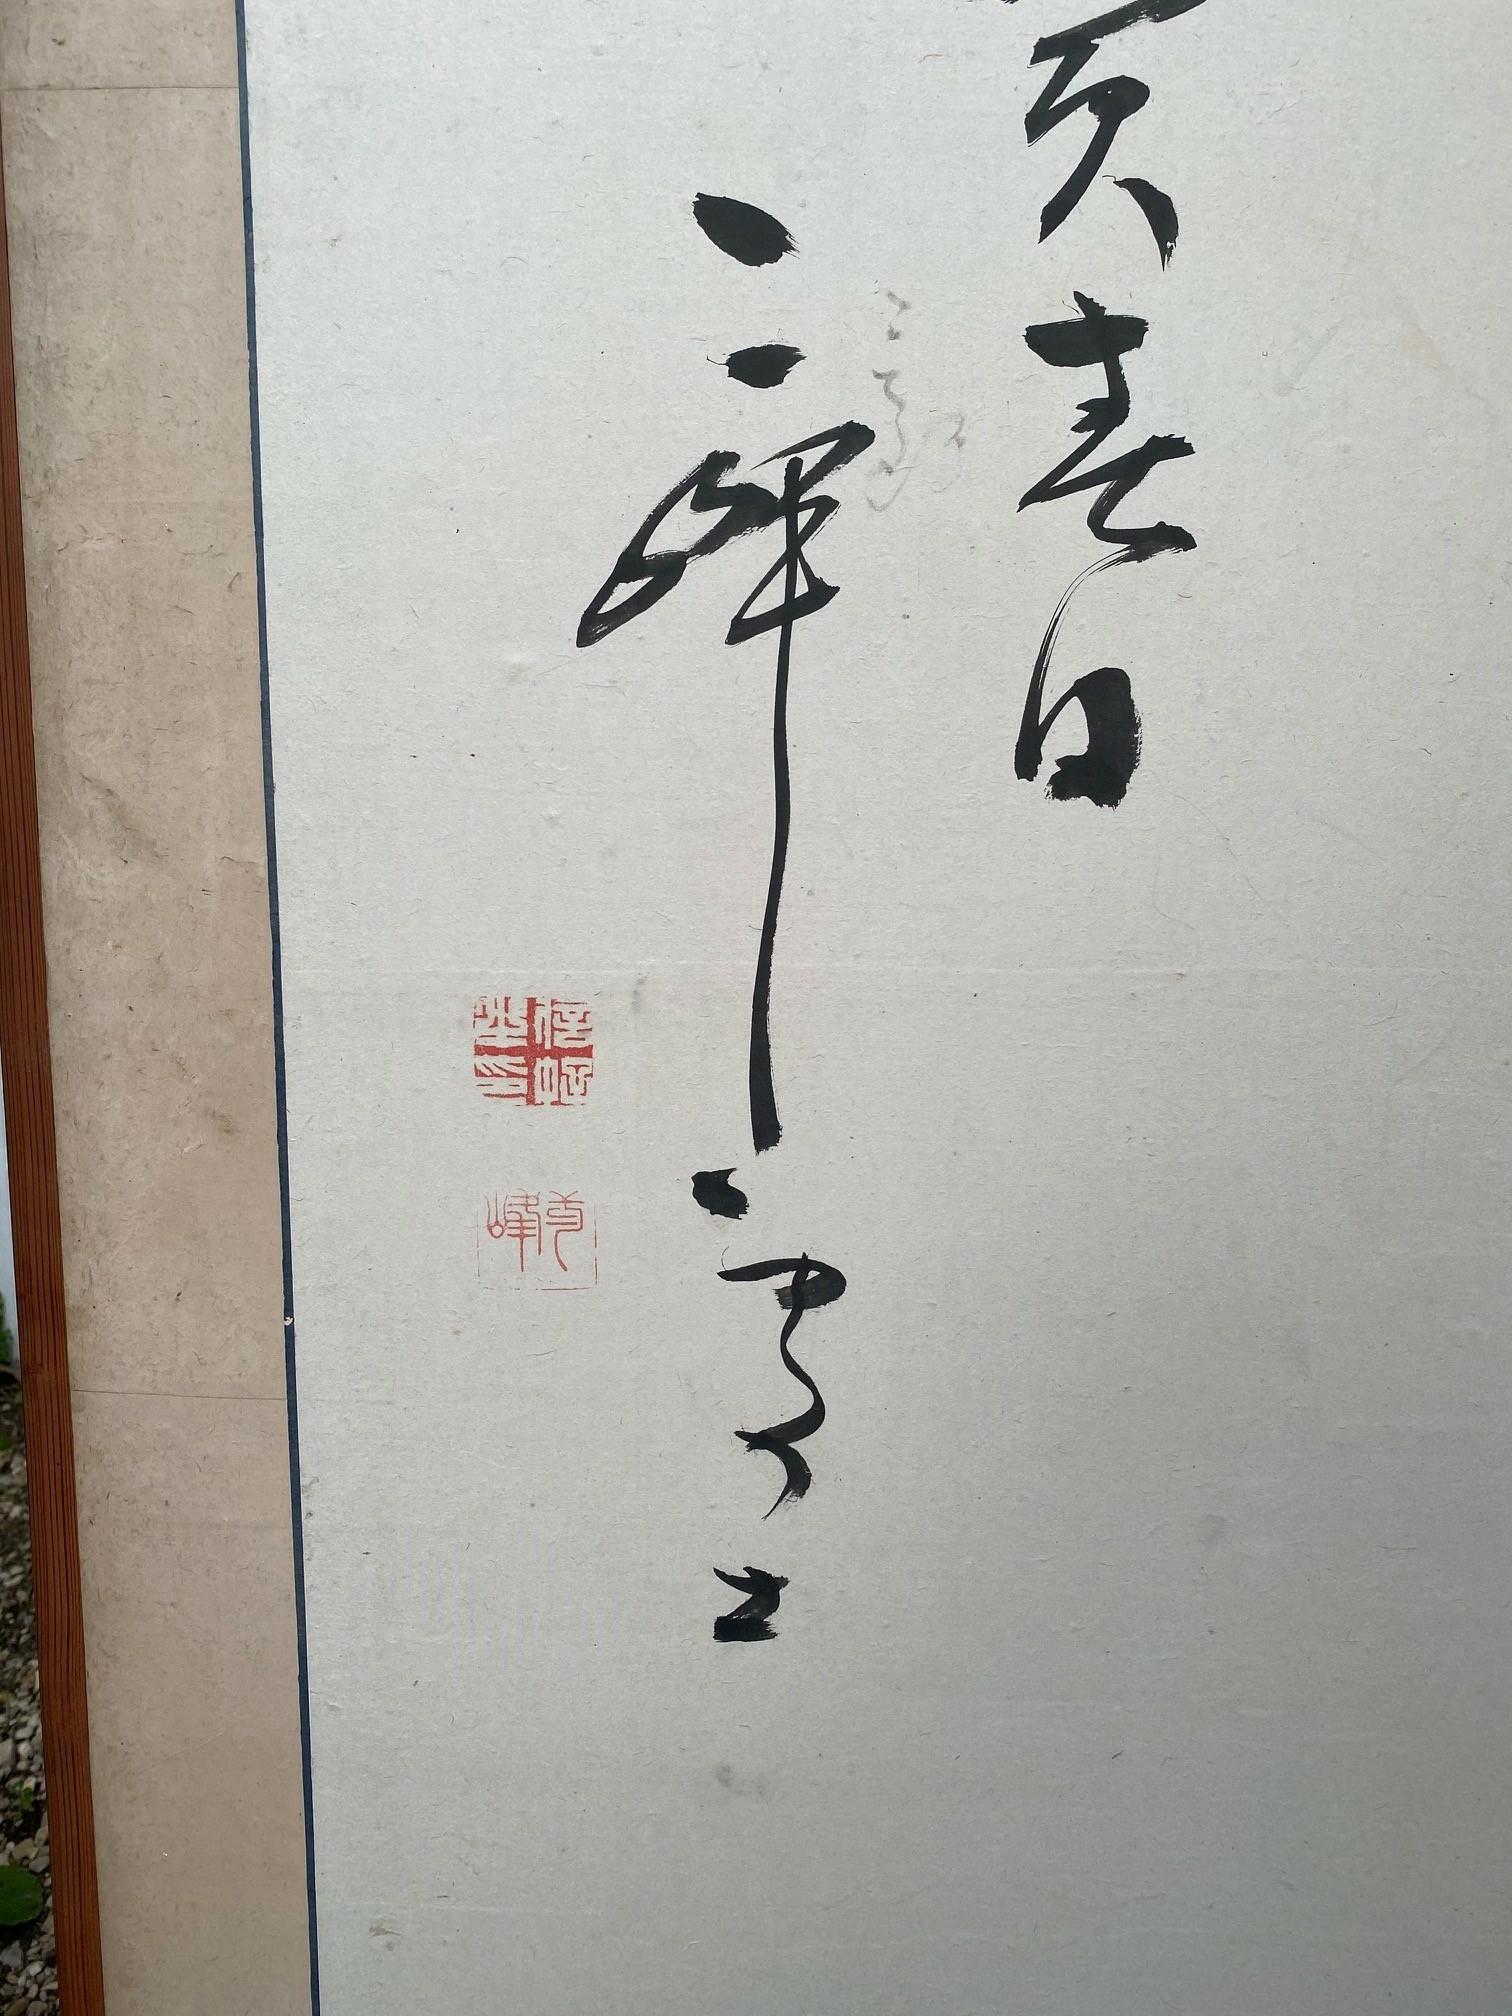 Paire de paravents à 6 feuilles ornés d'une suite de calligraphies  par Takabayashi Nobuyoshi  高林信好 (1819-1897), Japon, 1878,  19ème siècle.